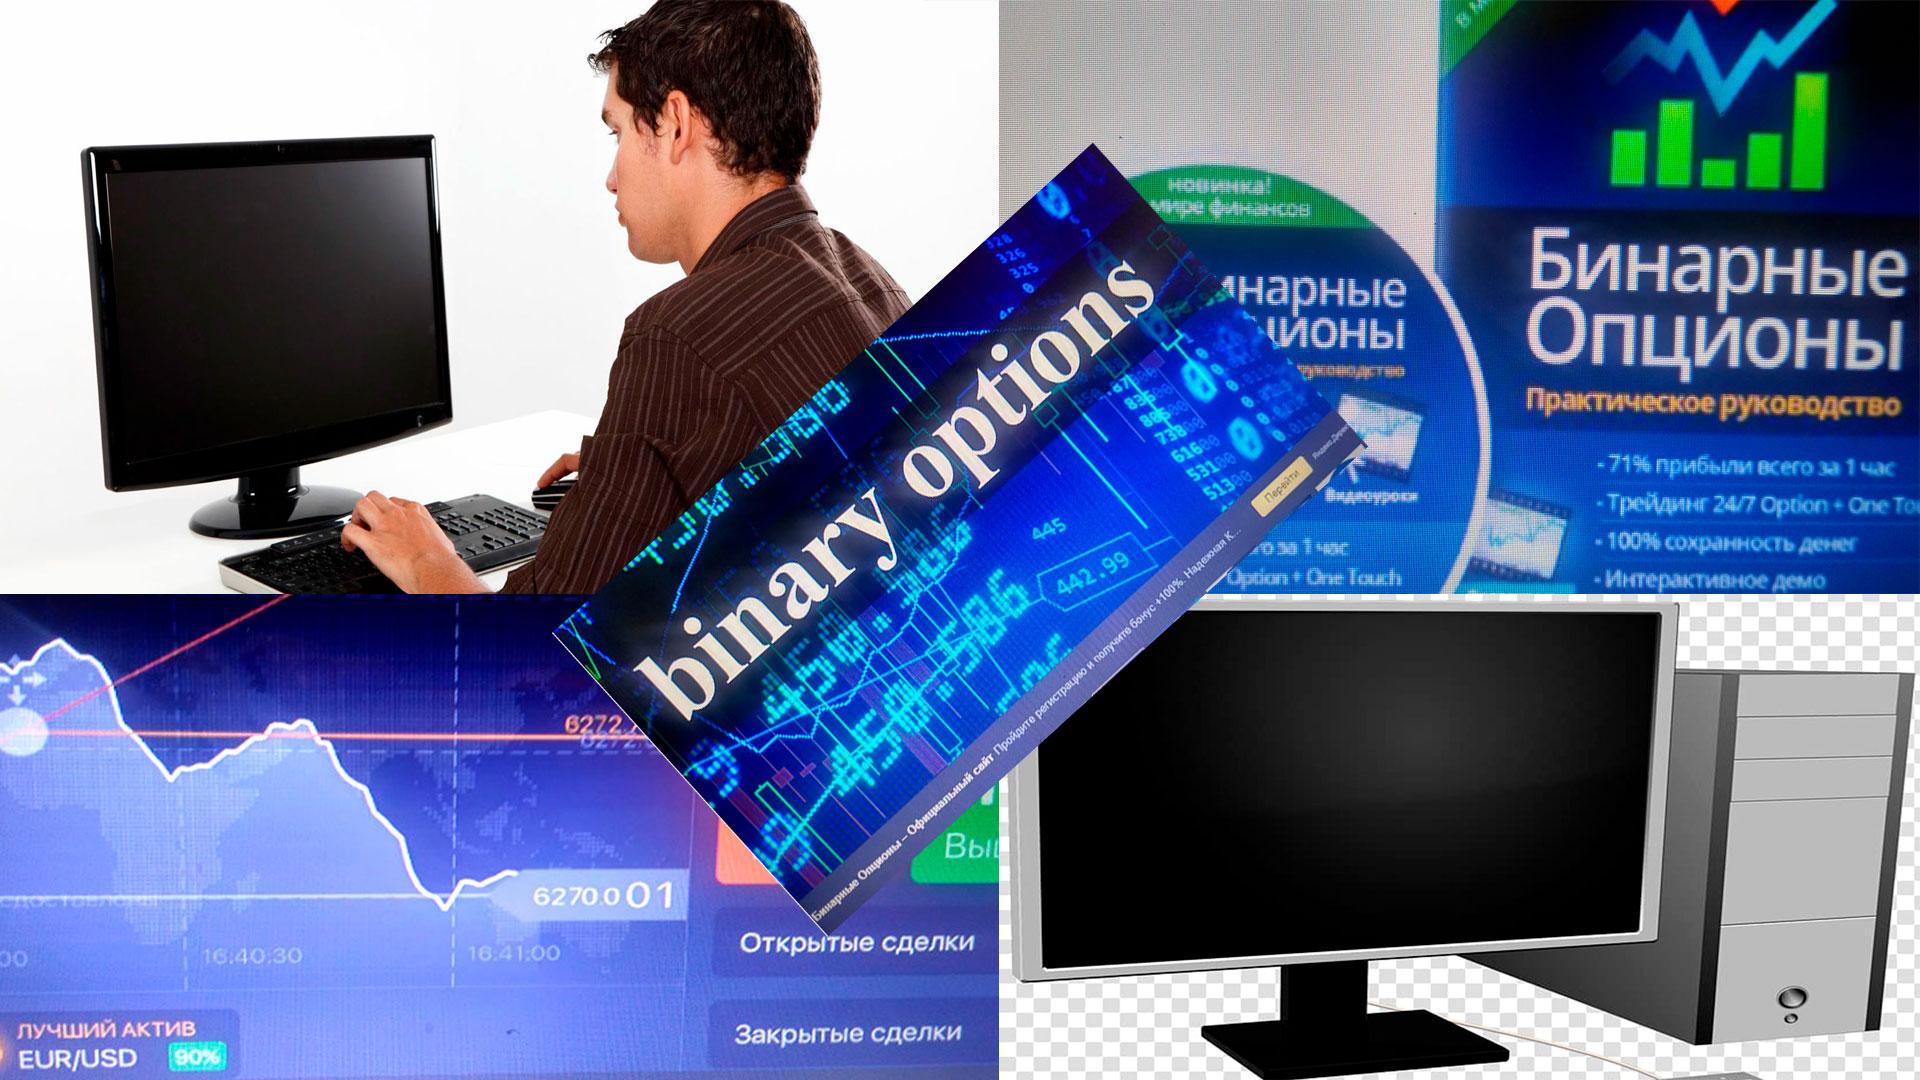 Бинарные опционы. Что необходимо знать B-Options